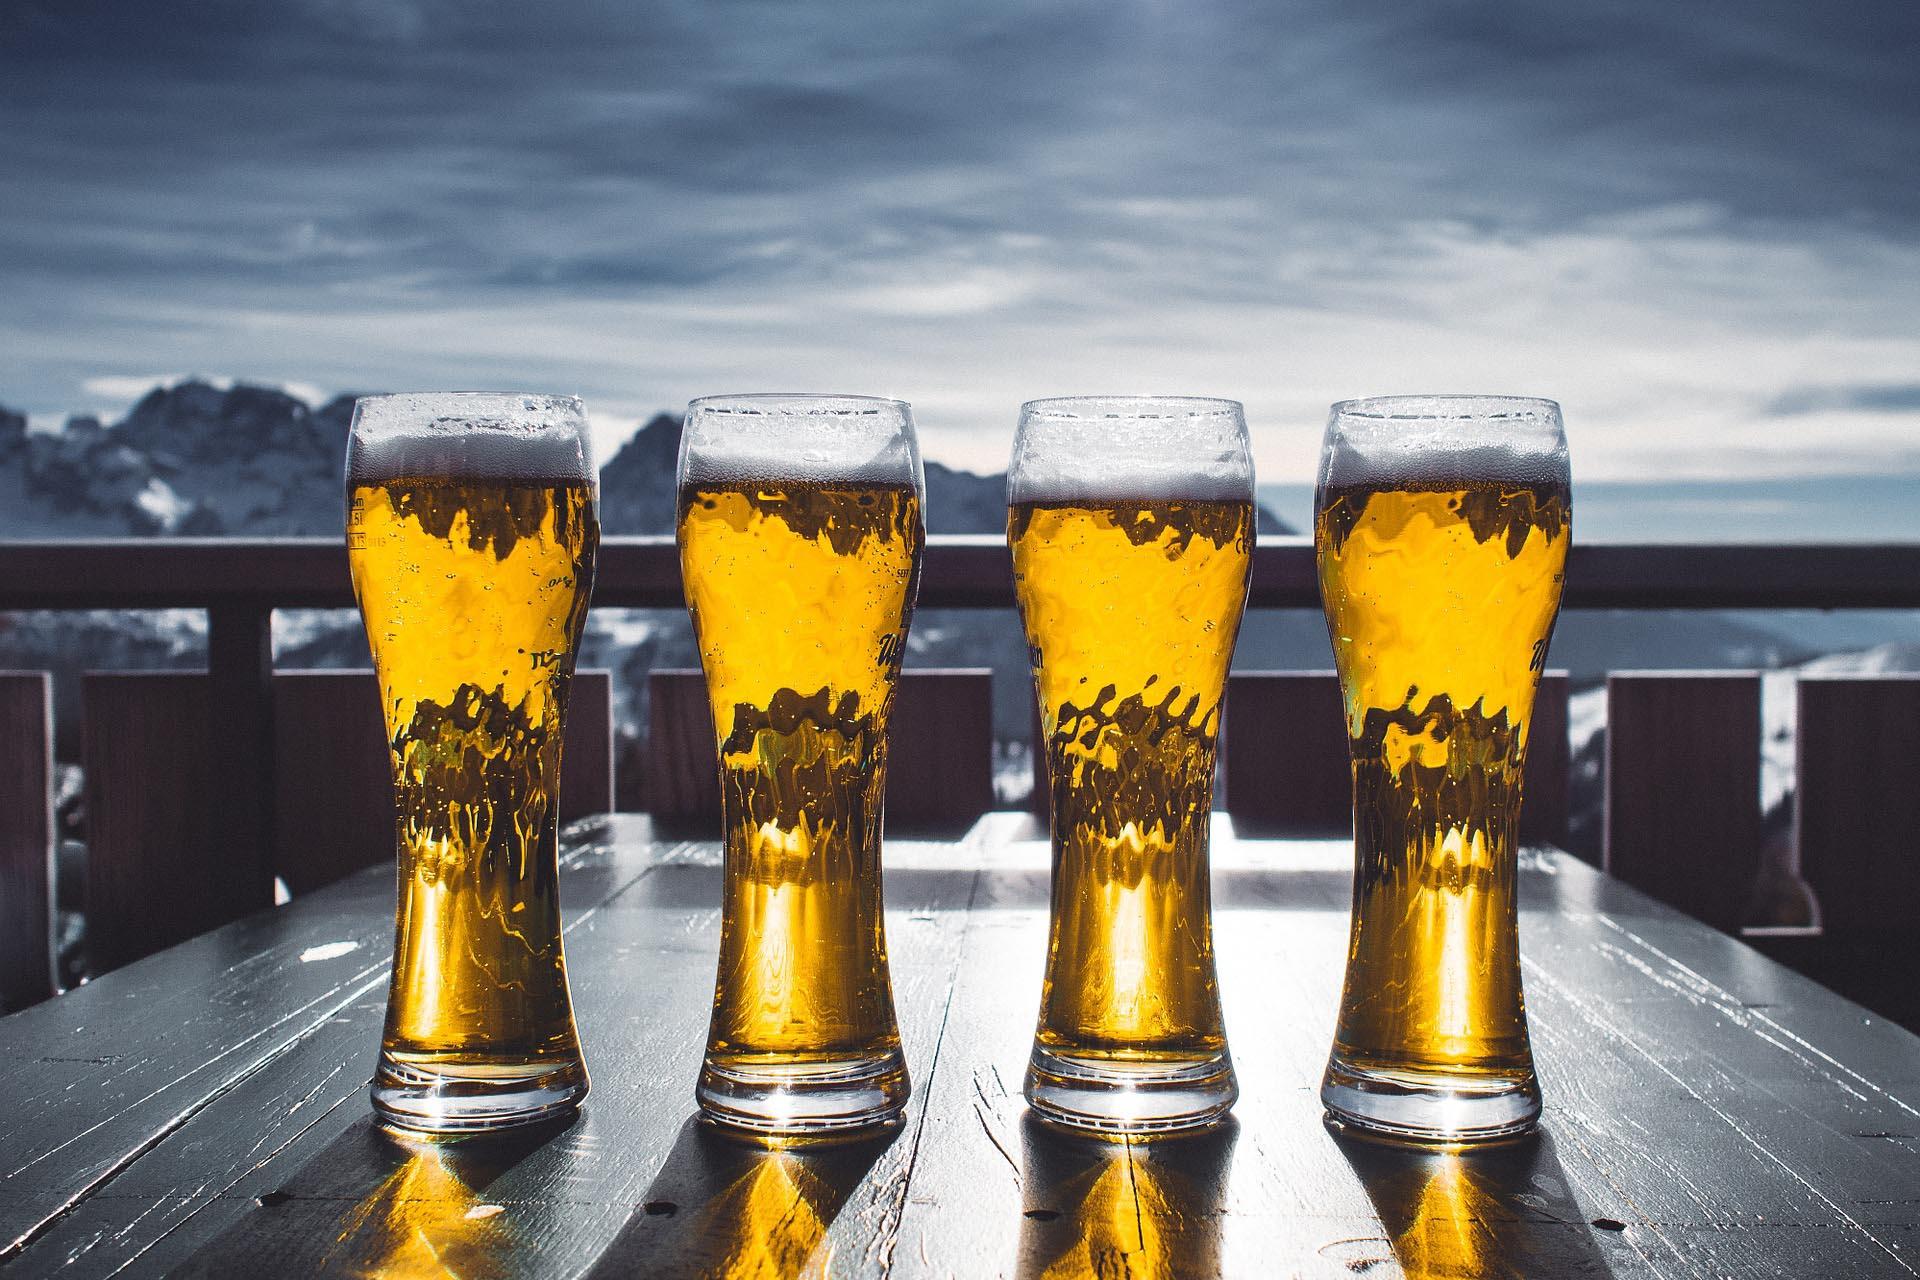 Vier gefüllte Weißbiergläser auf dem Tisch einer Biergartenterasse